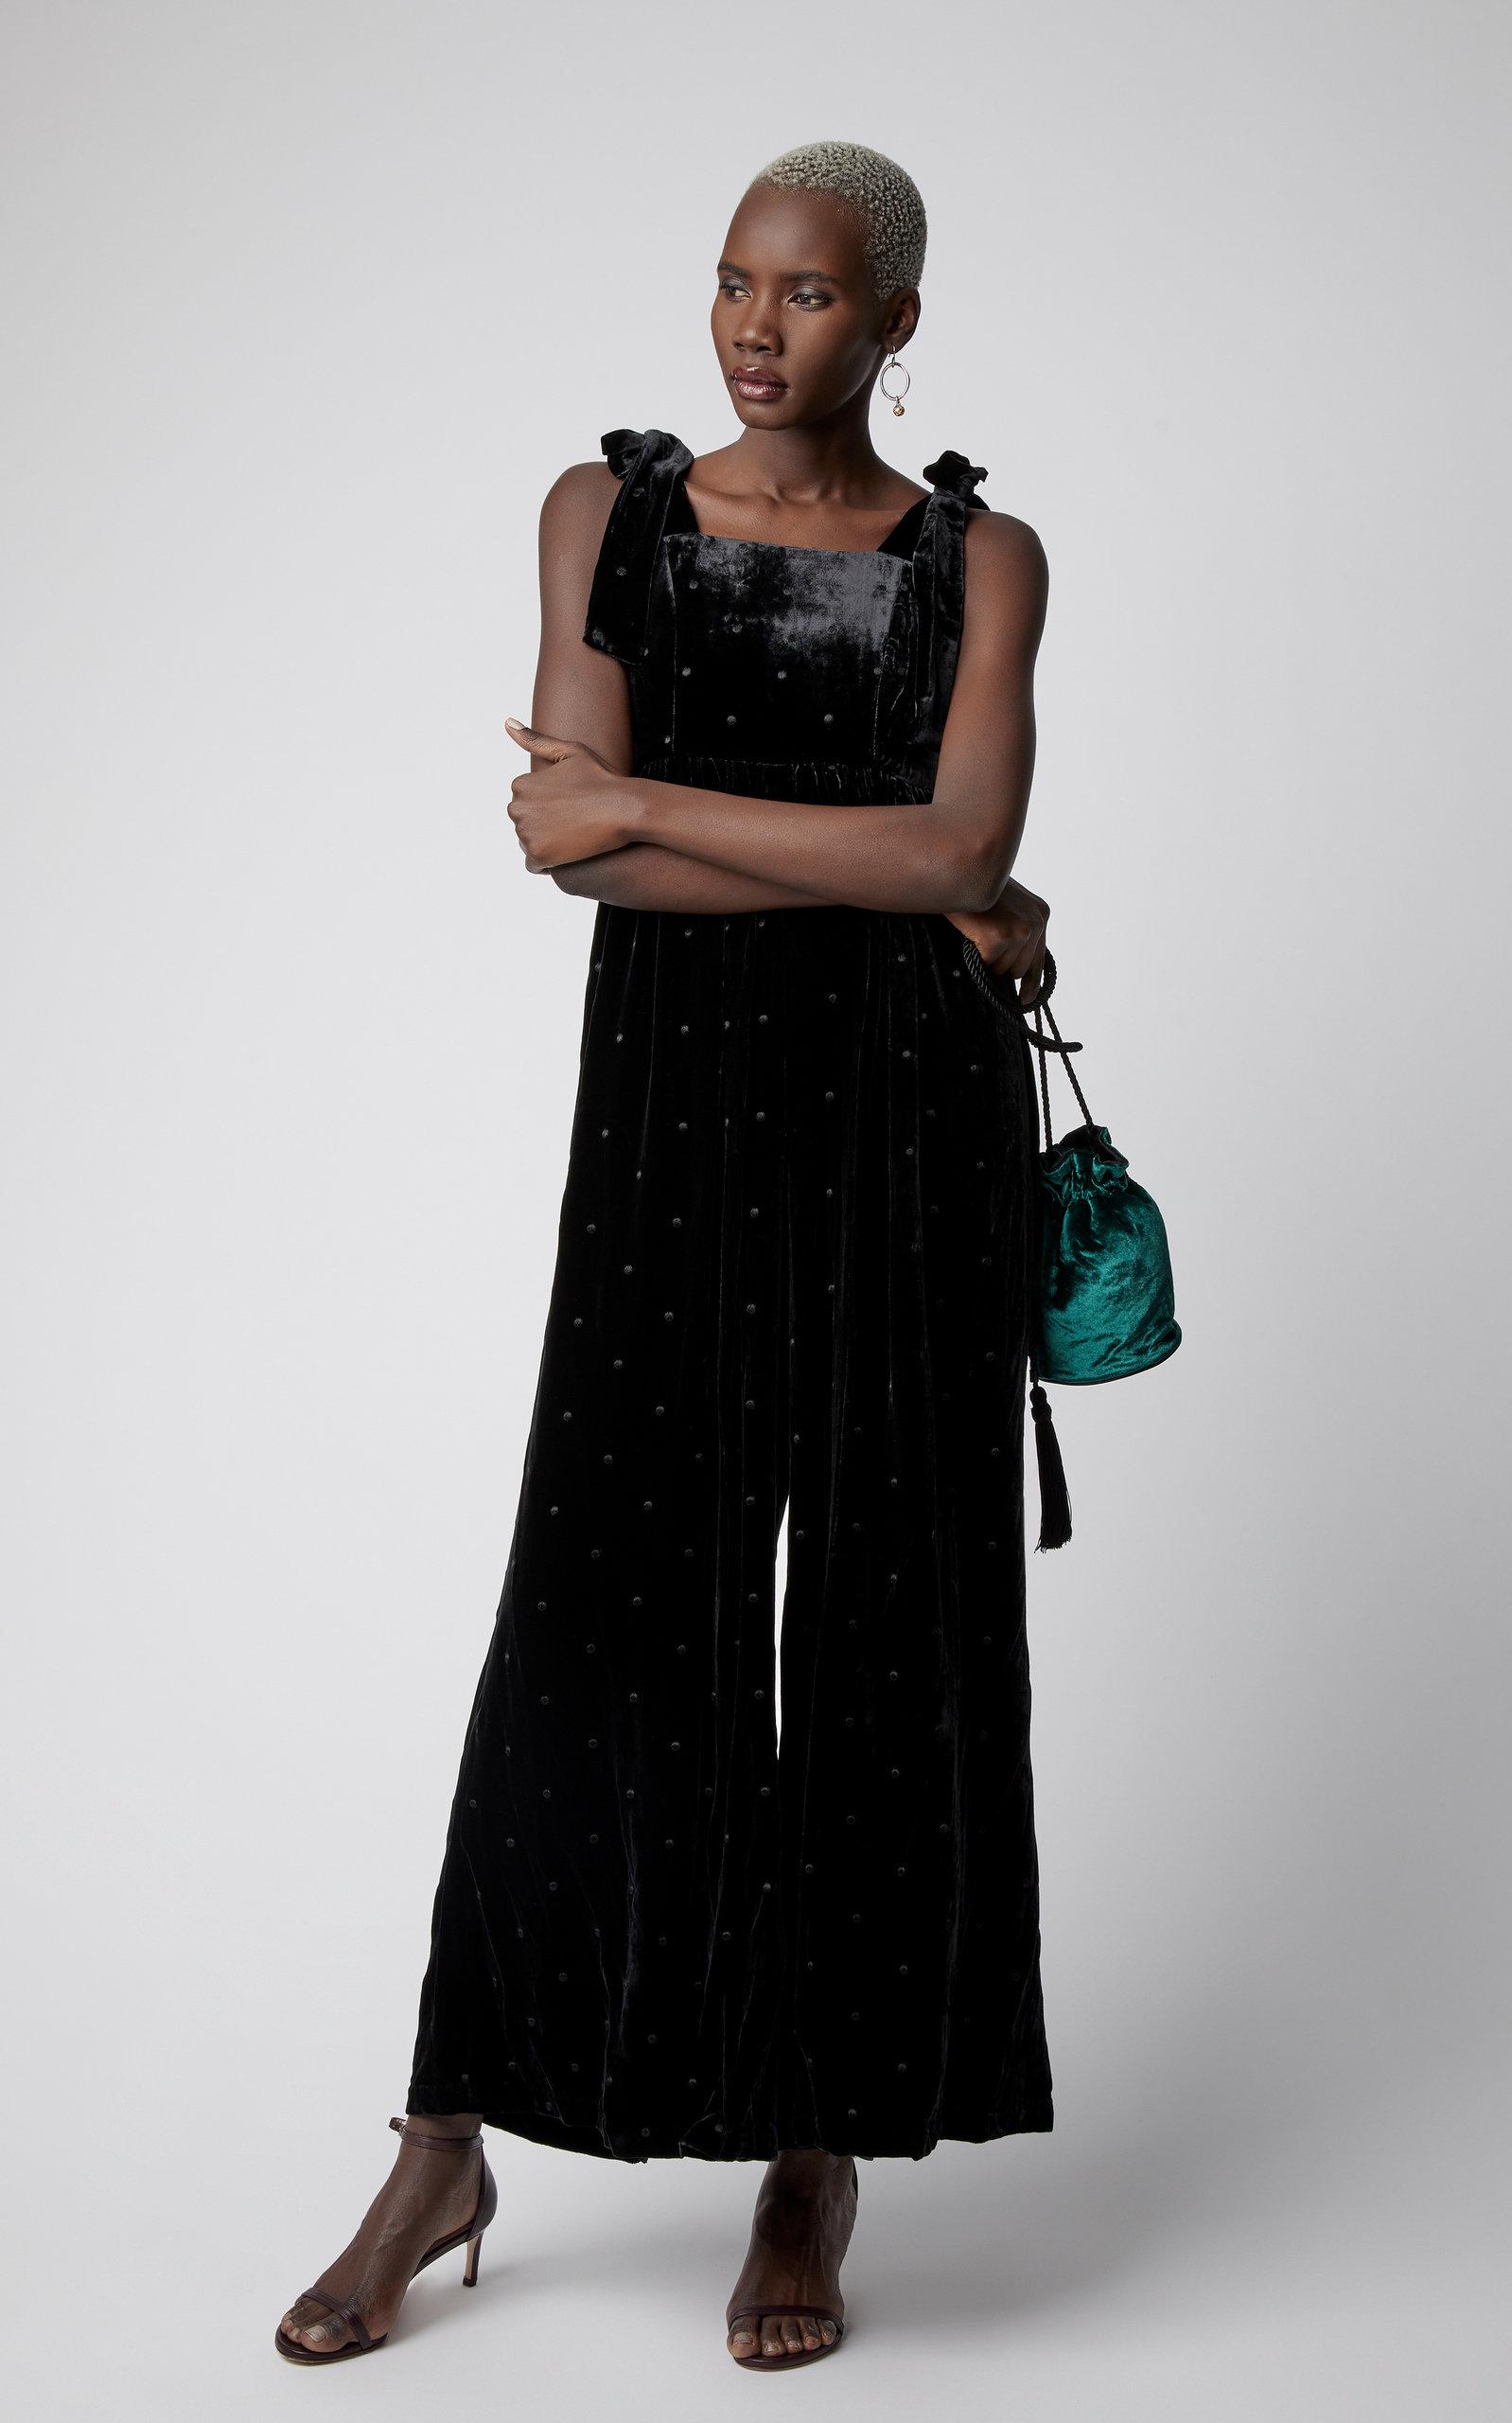 ba6cf0c8dc7e Ulla JohnsonMinnet Embroidered Velvet Jumpsuit. CLOSE. Loading